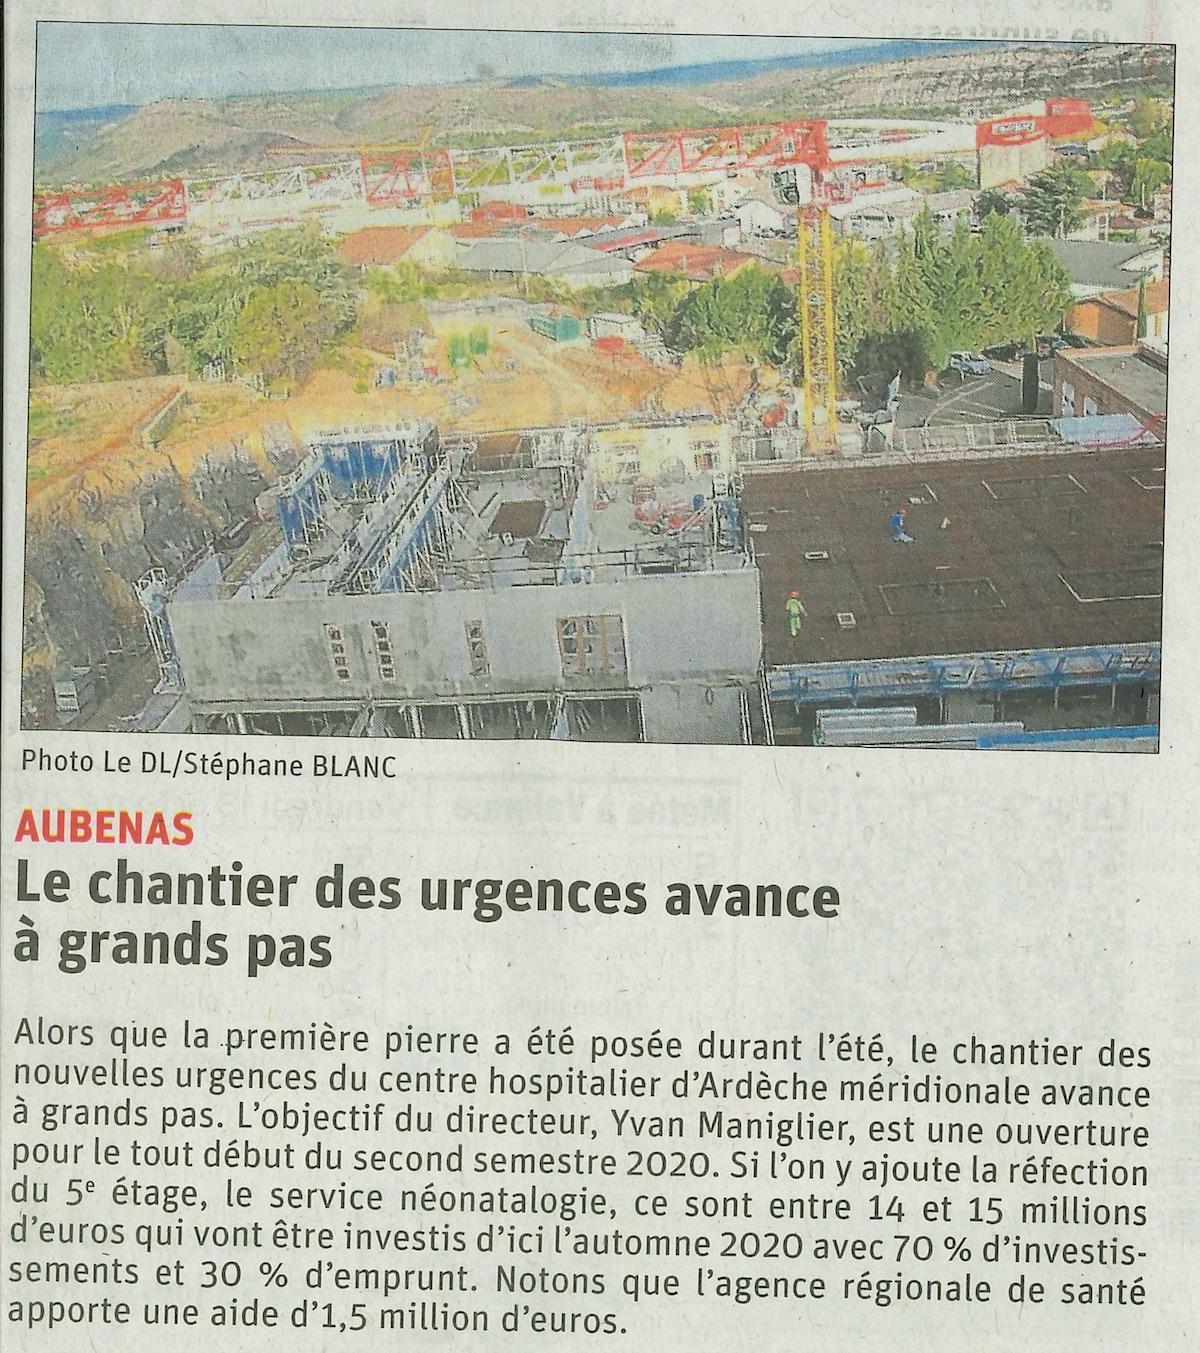 Aubenas – Chantier des urgences